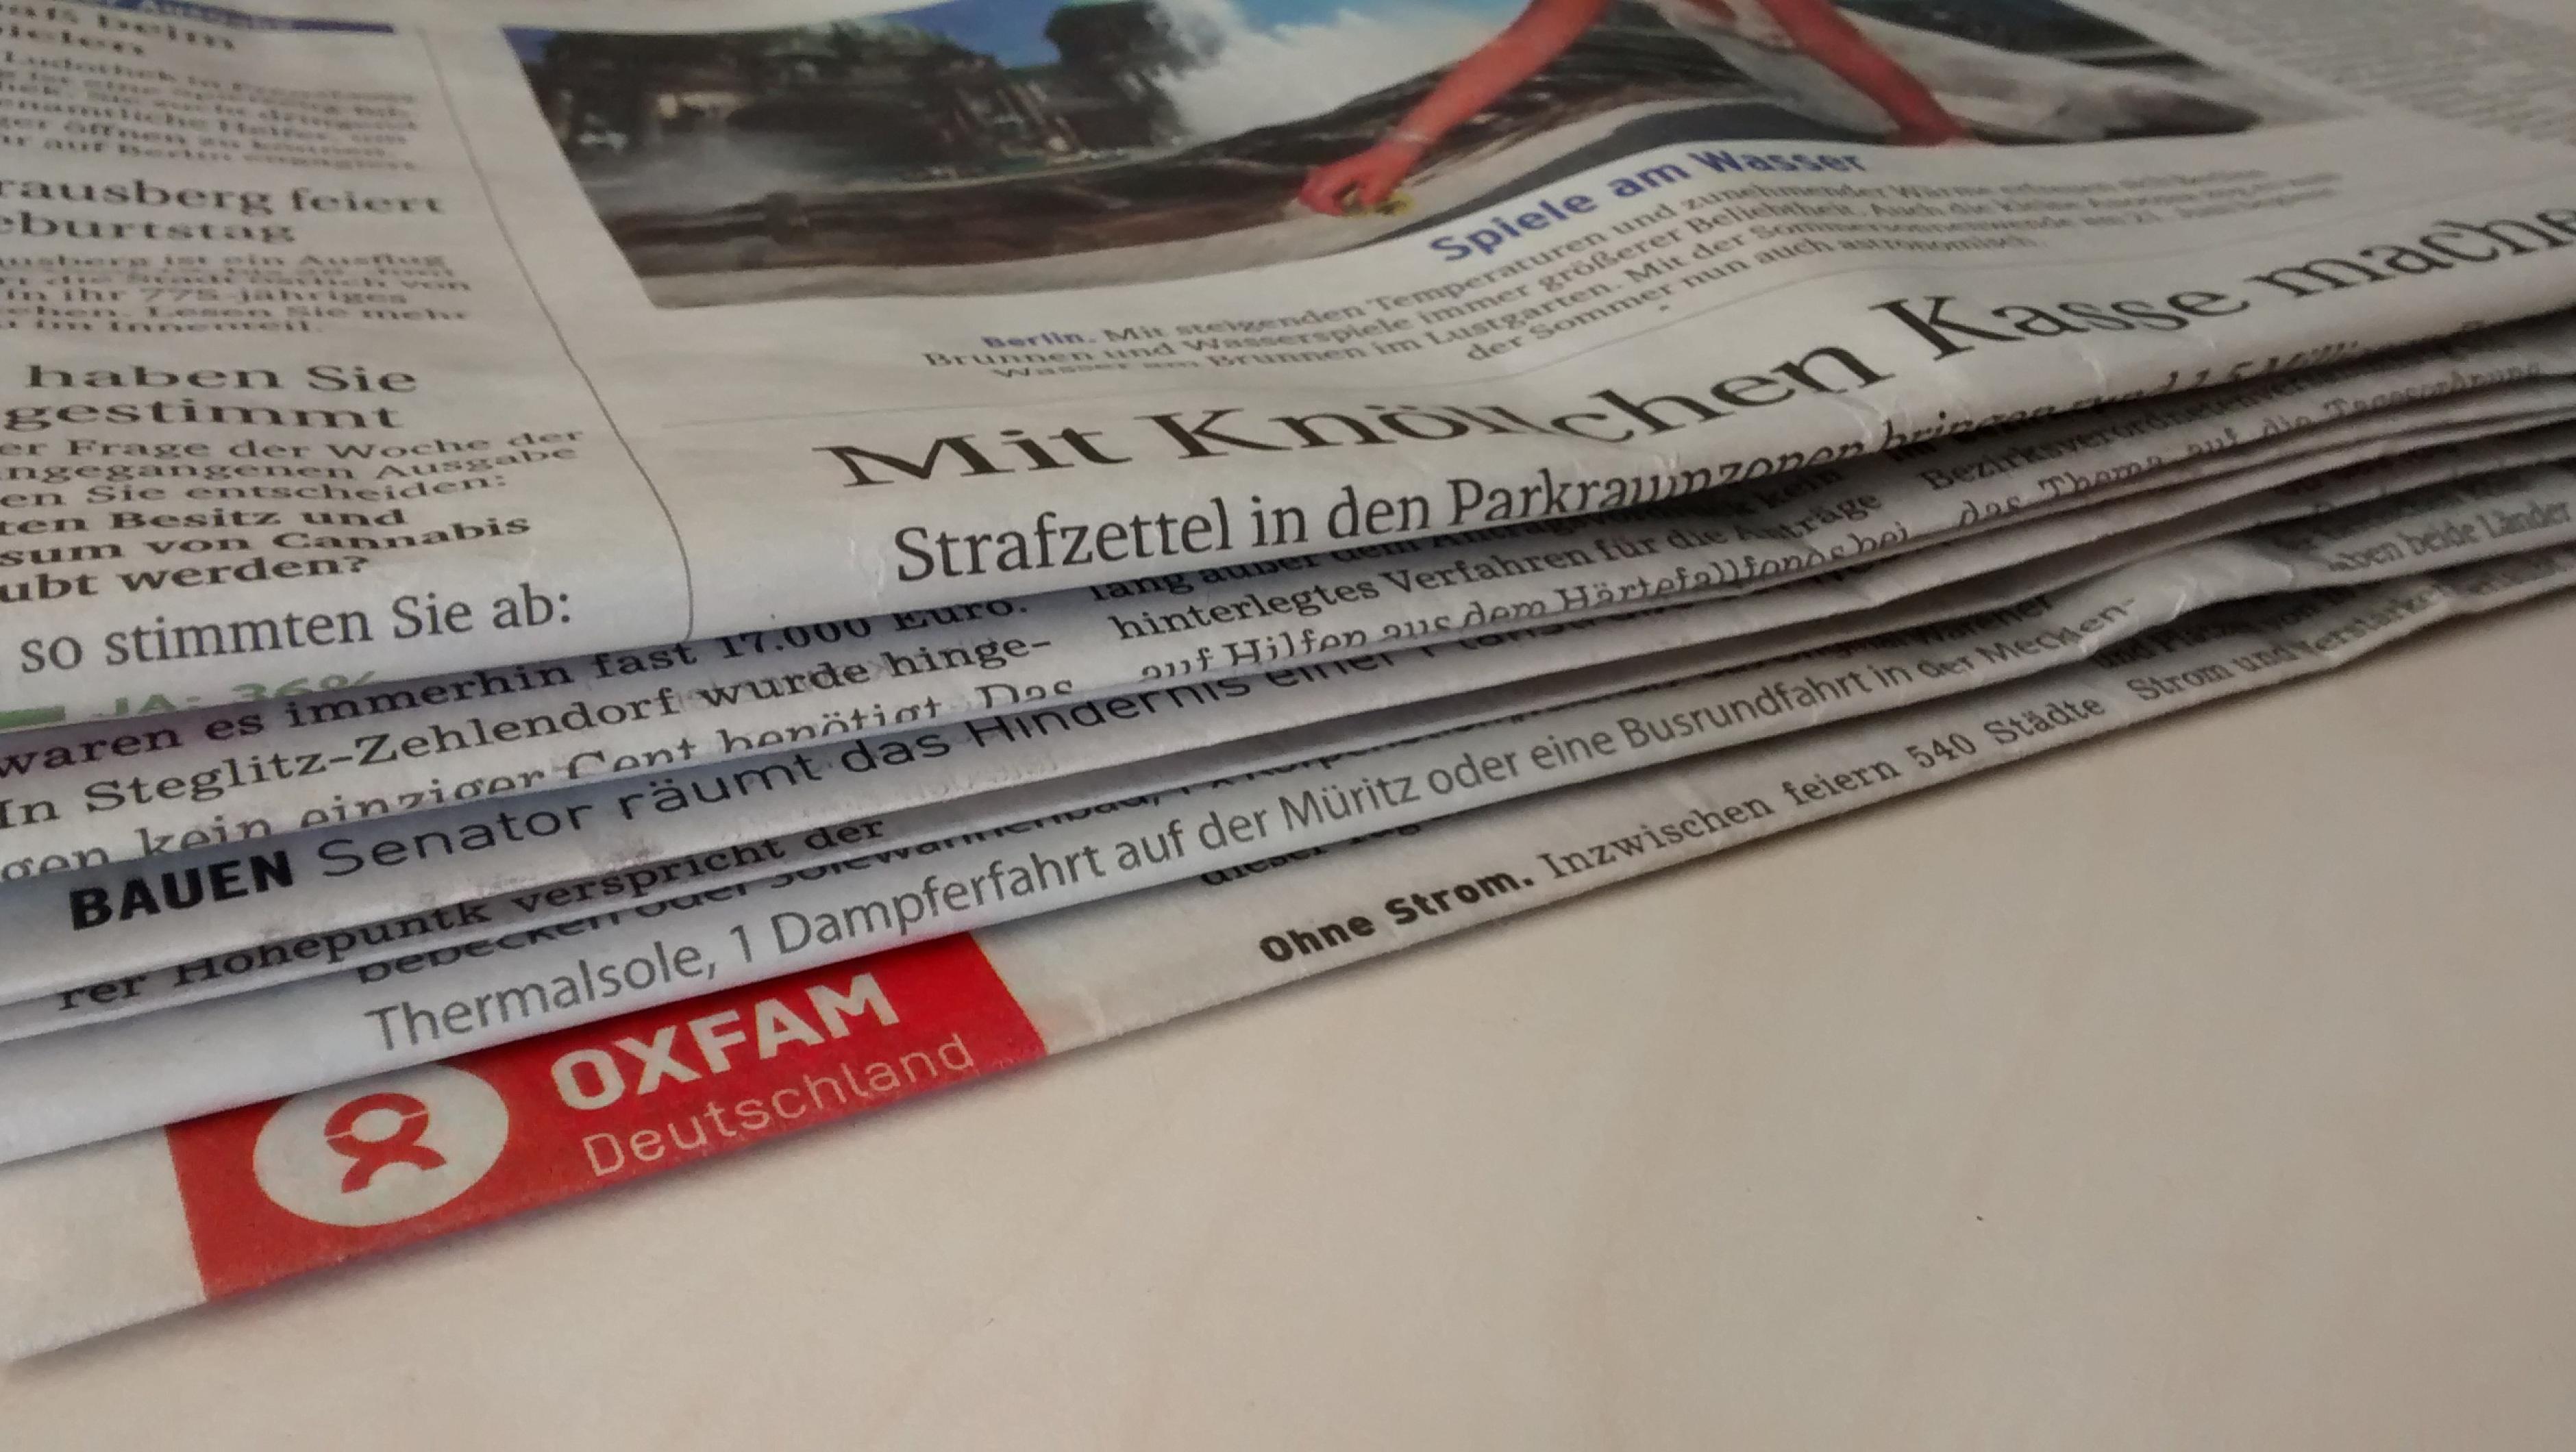 Oxfam in der Presse